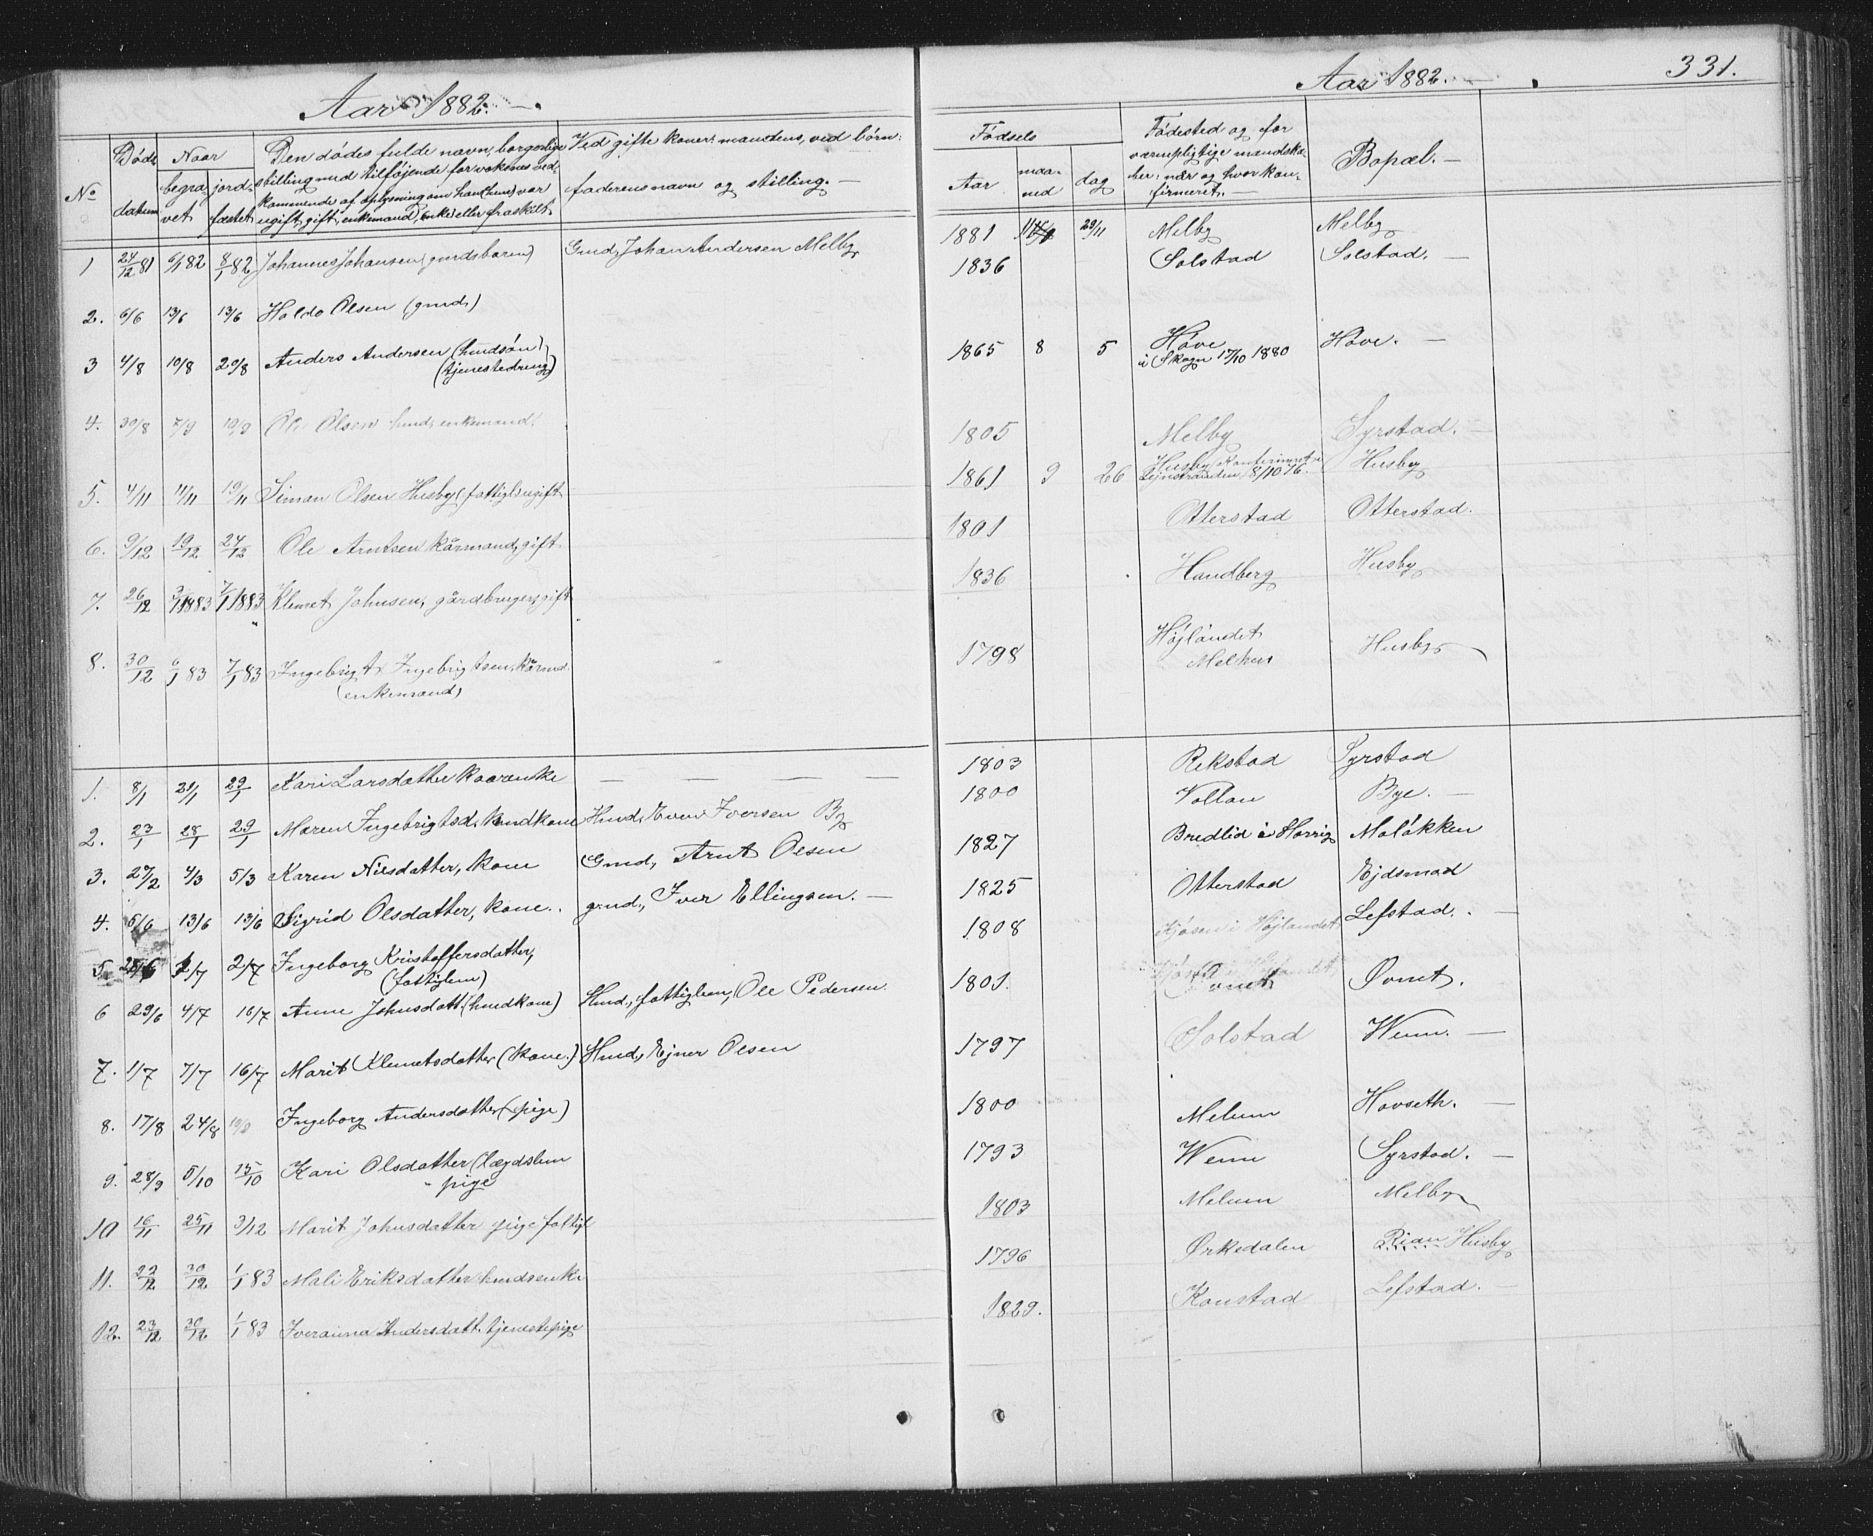 SAT, Ministerialprotokoller, klokkerbøker og fødselsregistre - Sør-Trøndelag, 667/L0798: Klokkerbok nr. 667C03, 1867-1929, s. 331